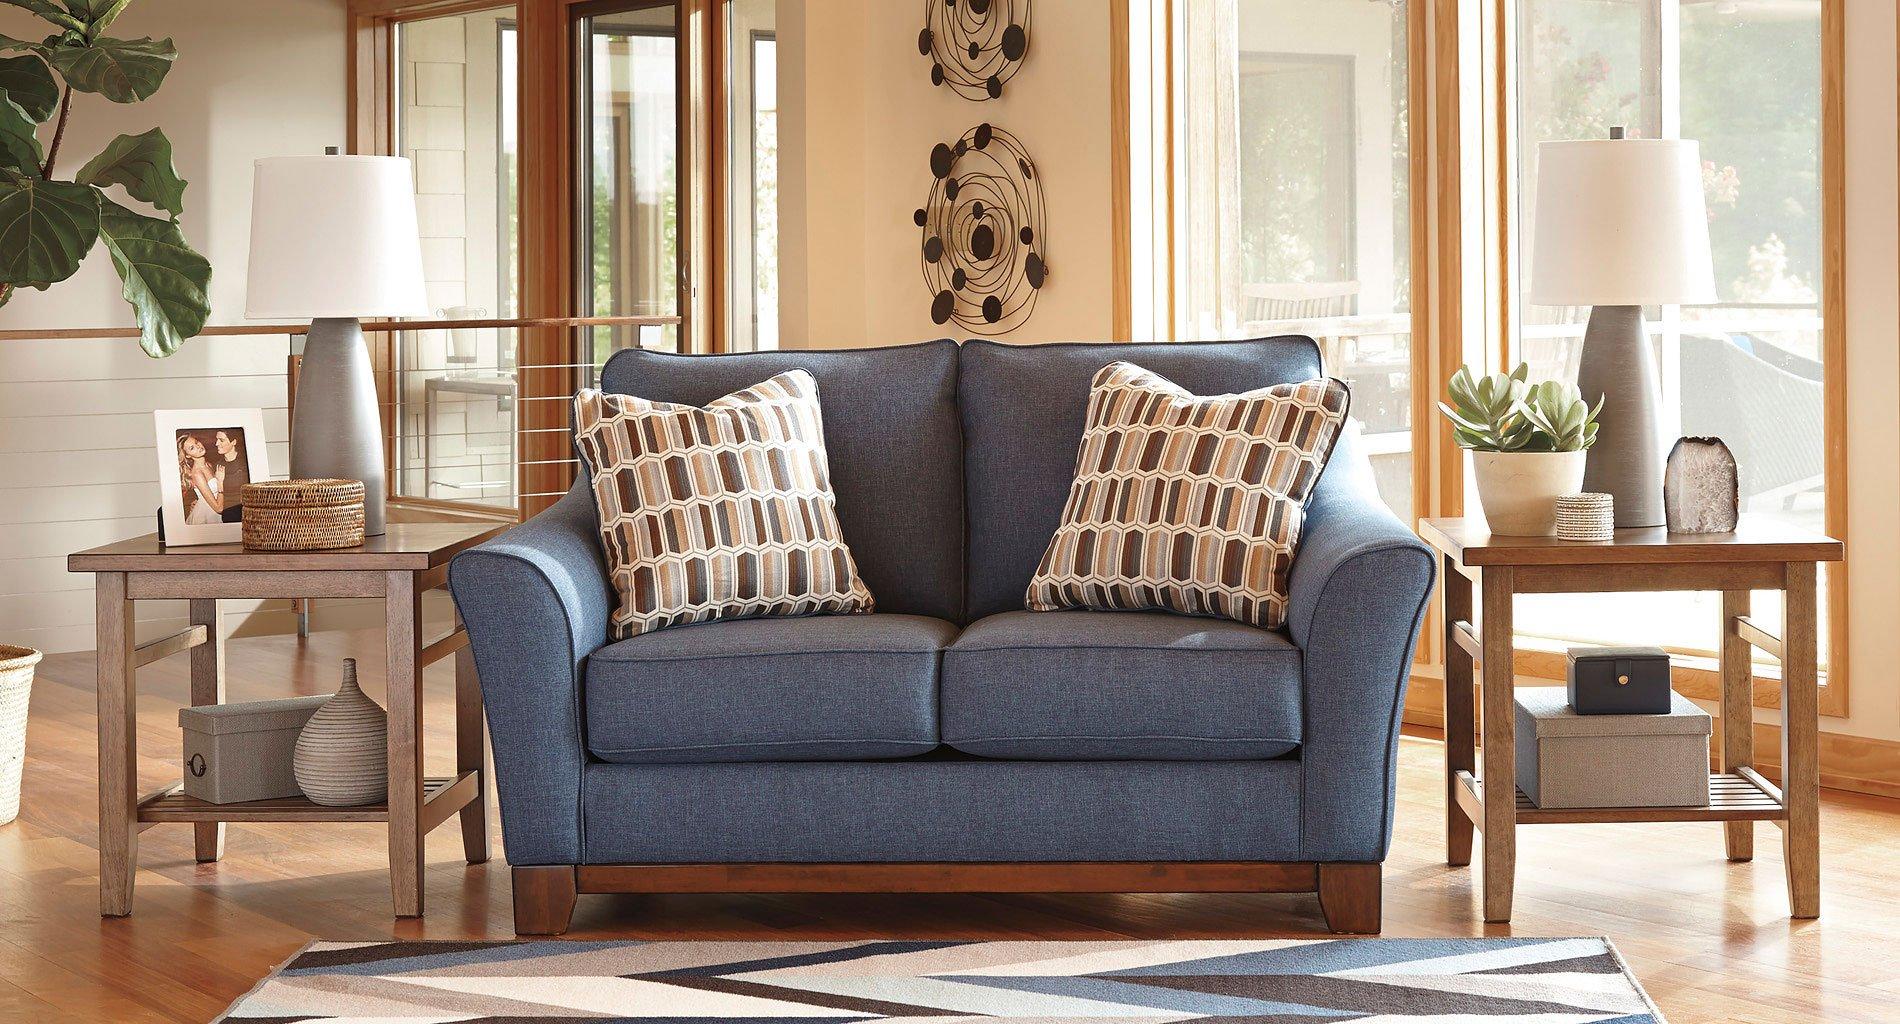 Janley Denim Loveseat Benchcraft Furniture Cart